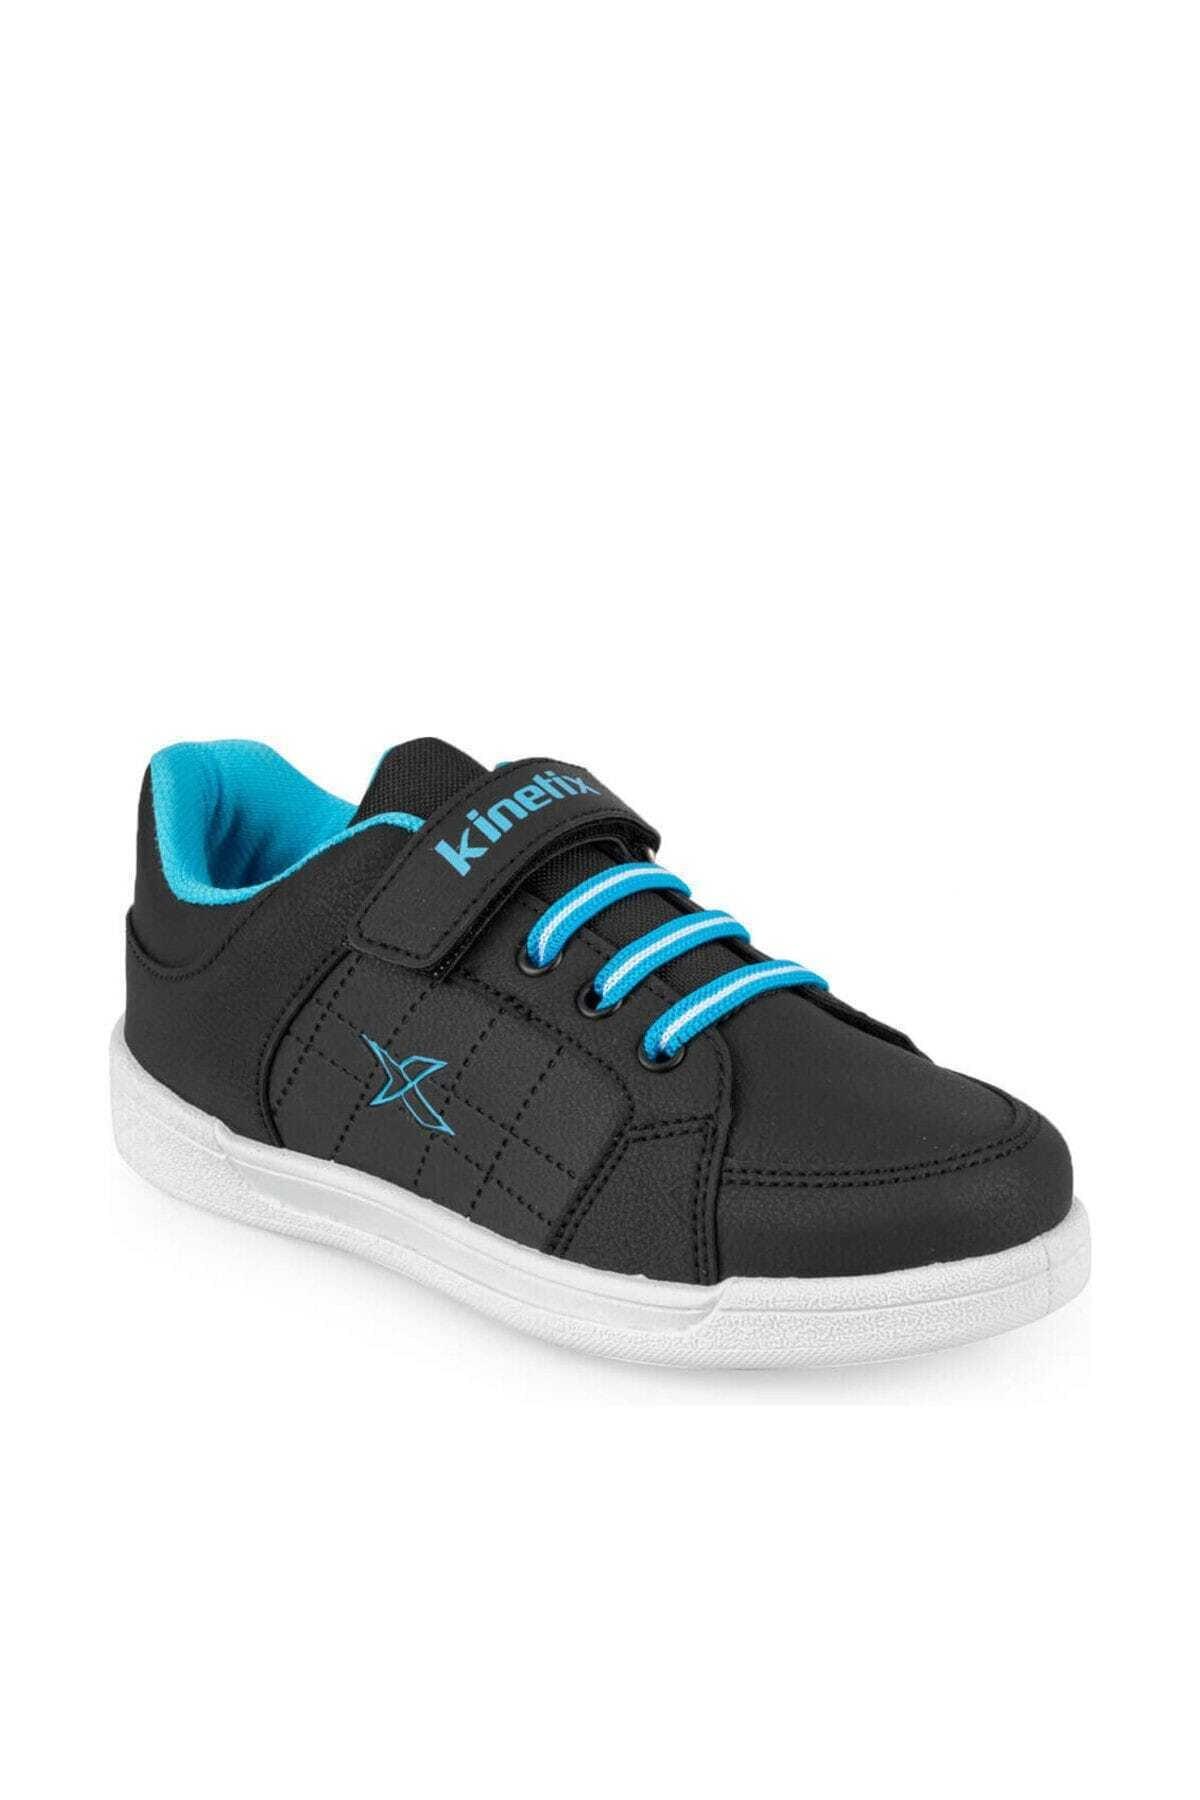 Kinetix Lenko Pu 9pr Siyah Erkek Çocuk Ayakkabı 1